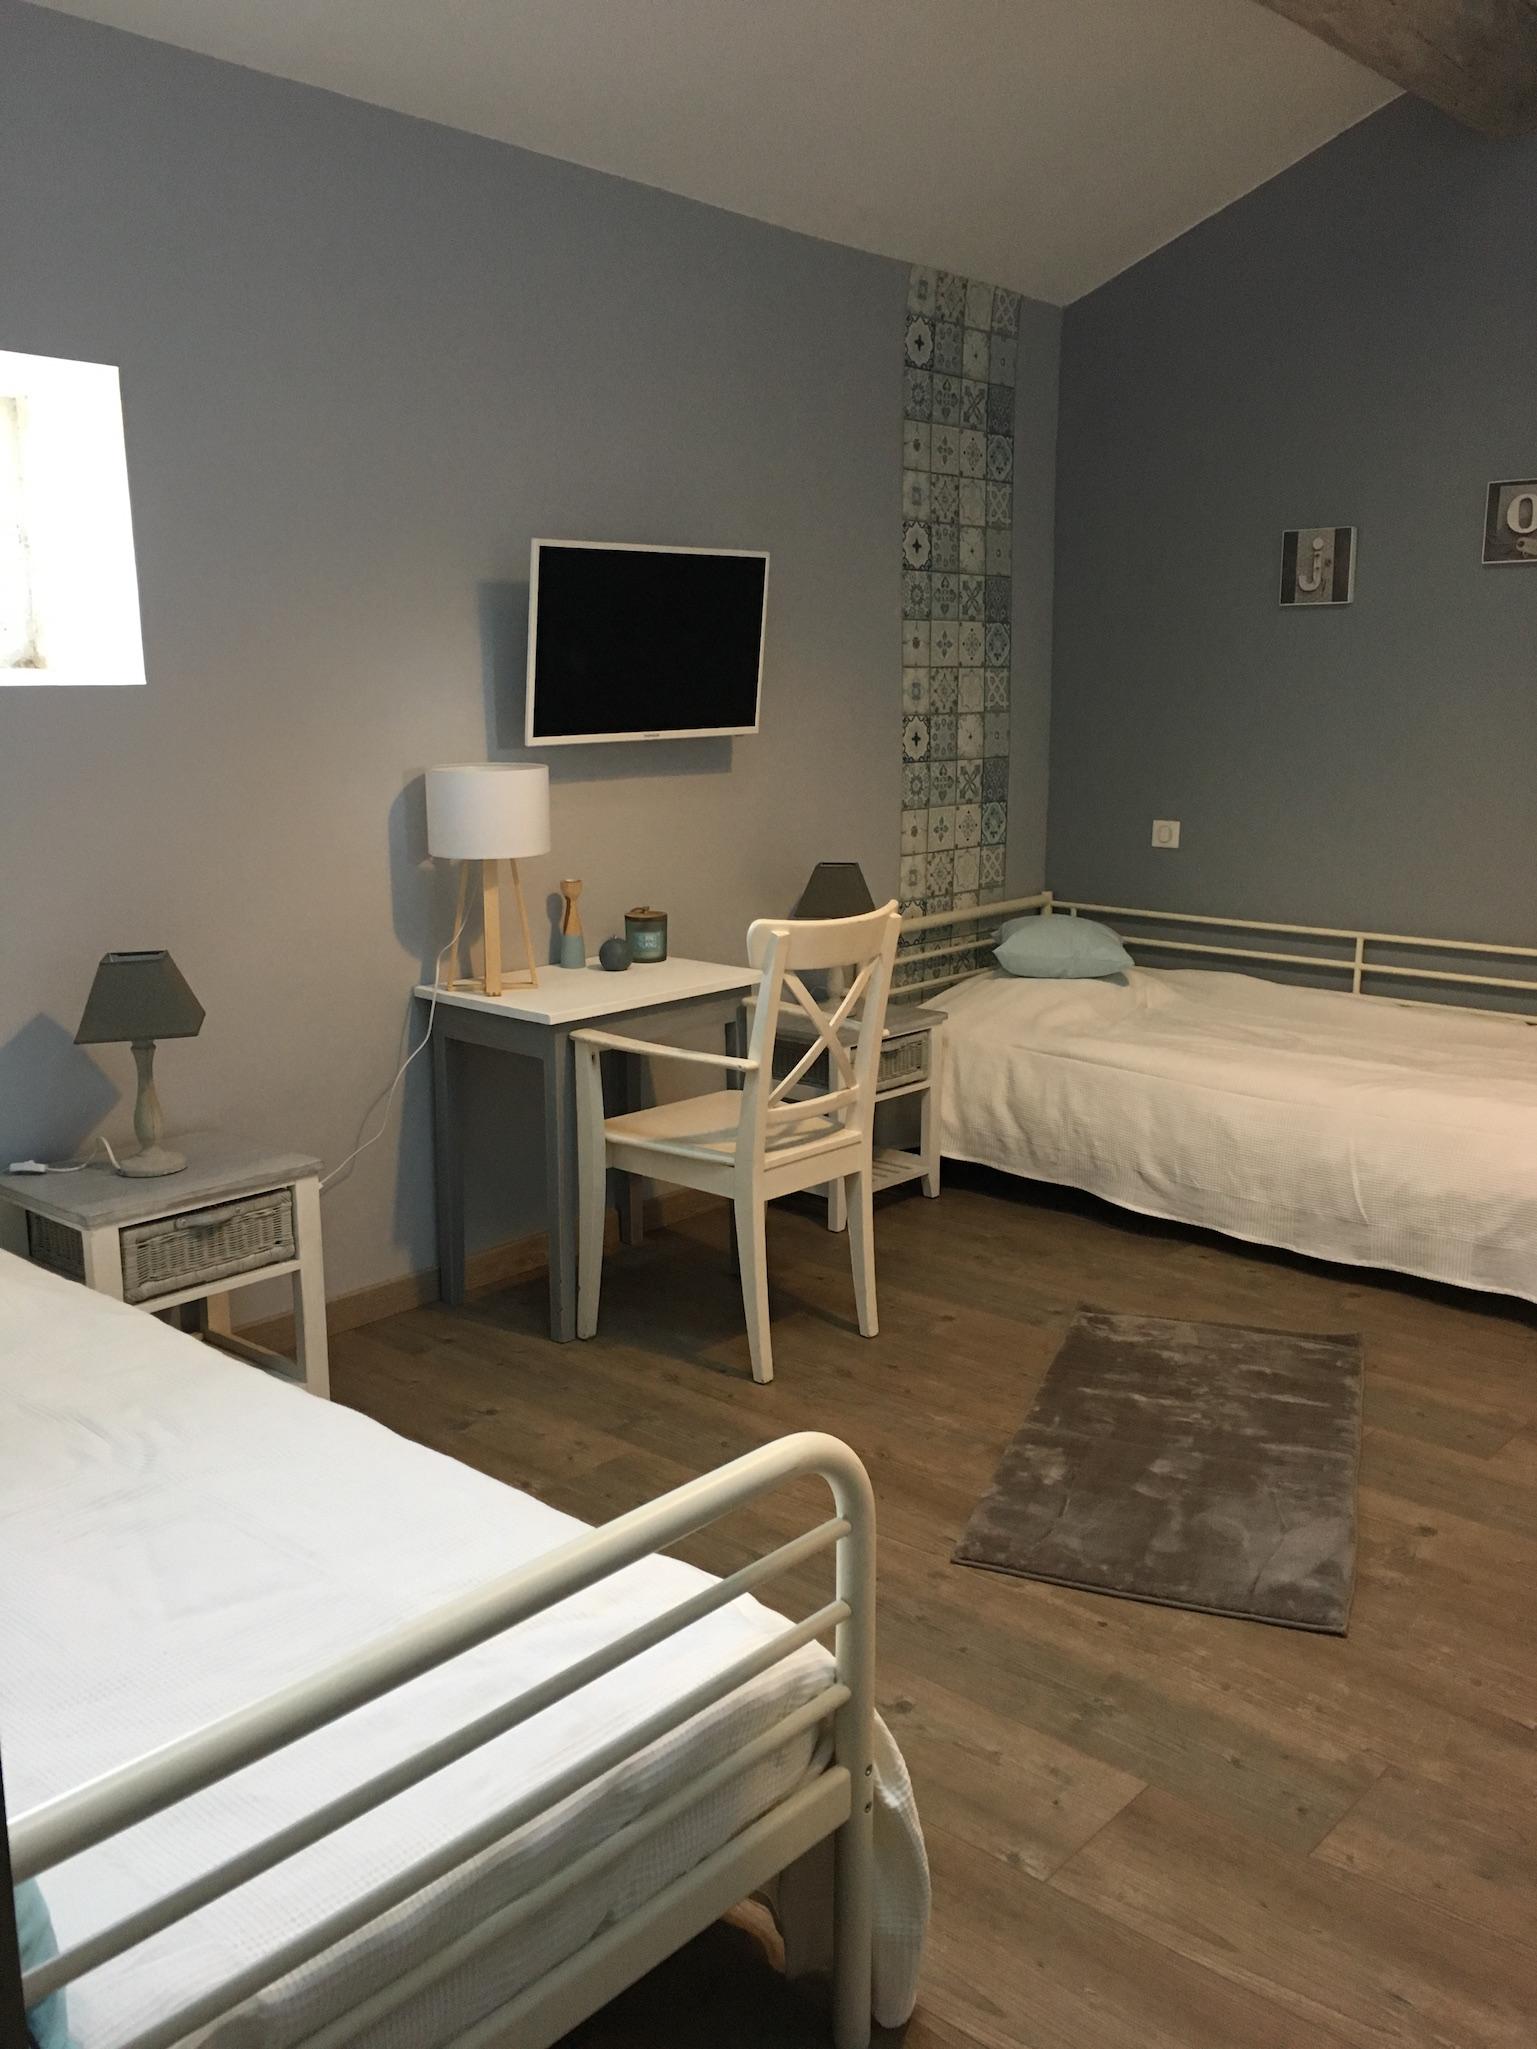 Suite fil de soie - chambre twin 1 - La Bastide des Songes - Chambres d hotes Luberon - Vaucluse - Robion - Gordes - Cavaillon